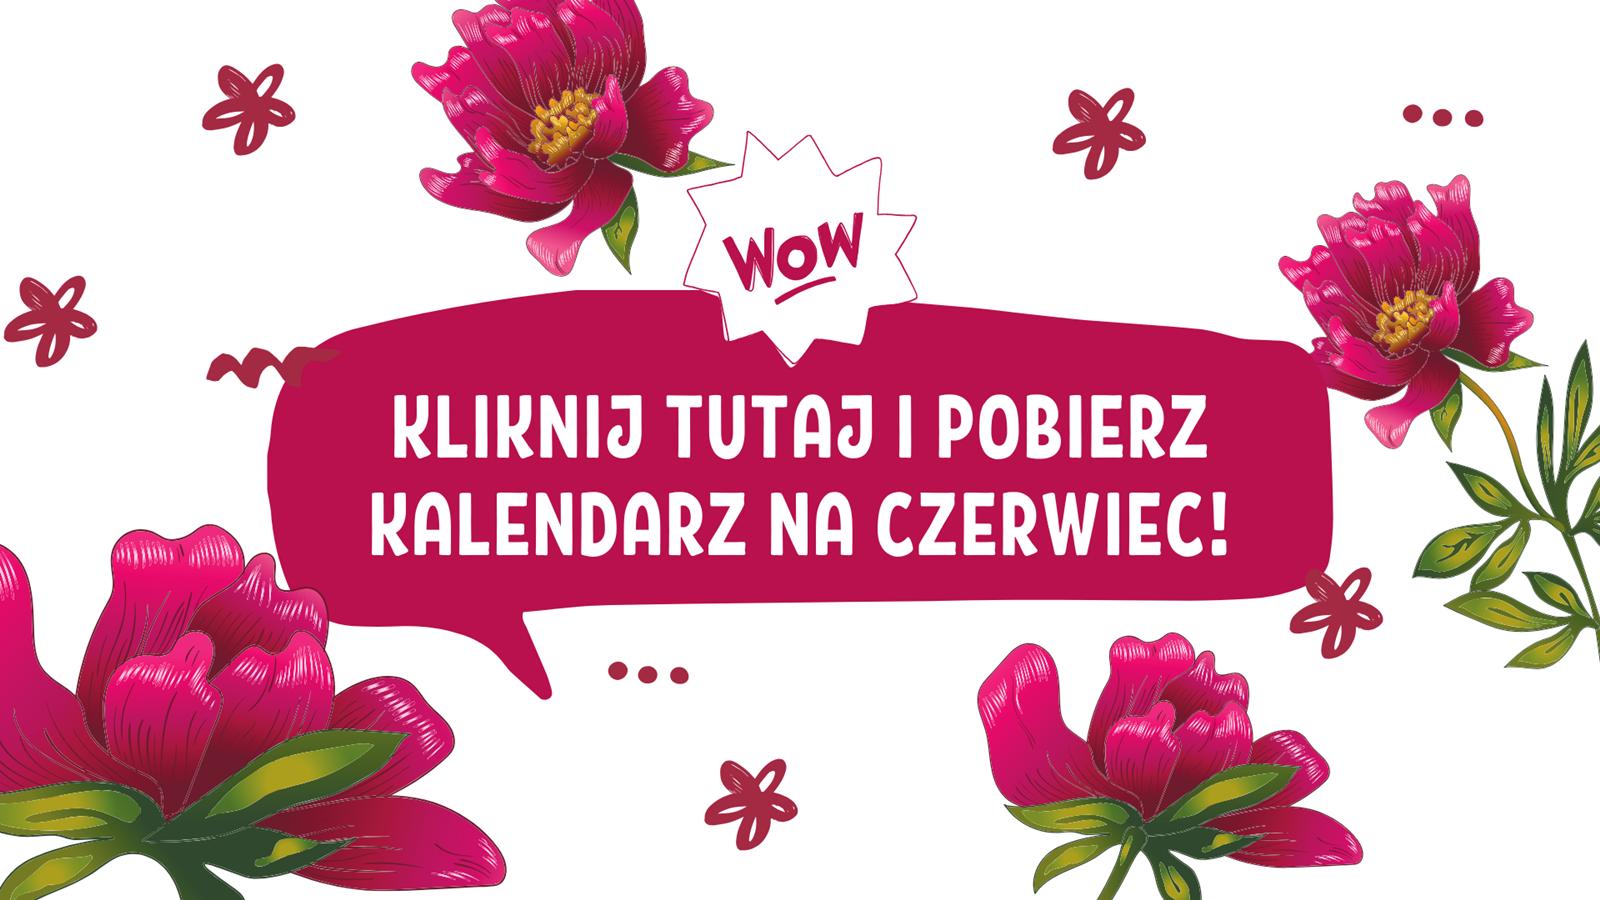 kalendarz do druku kwiaty ładny dziewczęcy różowy na czerwiec 2020 kalendarz do wydrukowania samemu wyzwanie 30 dniowe muzyczne filmowe na instagramie